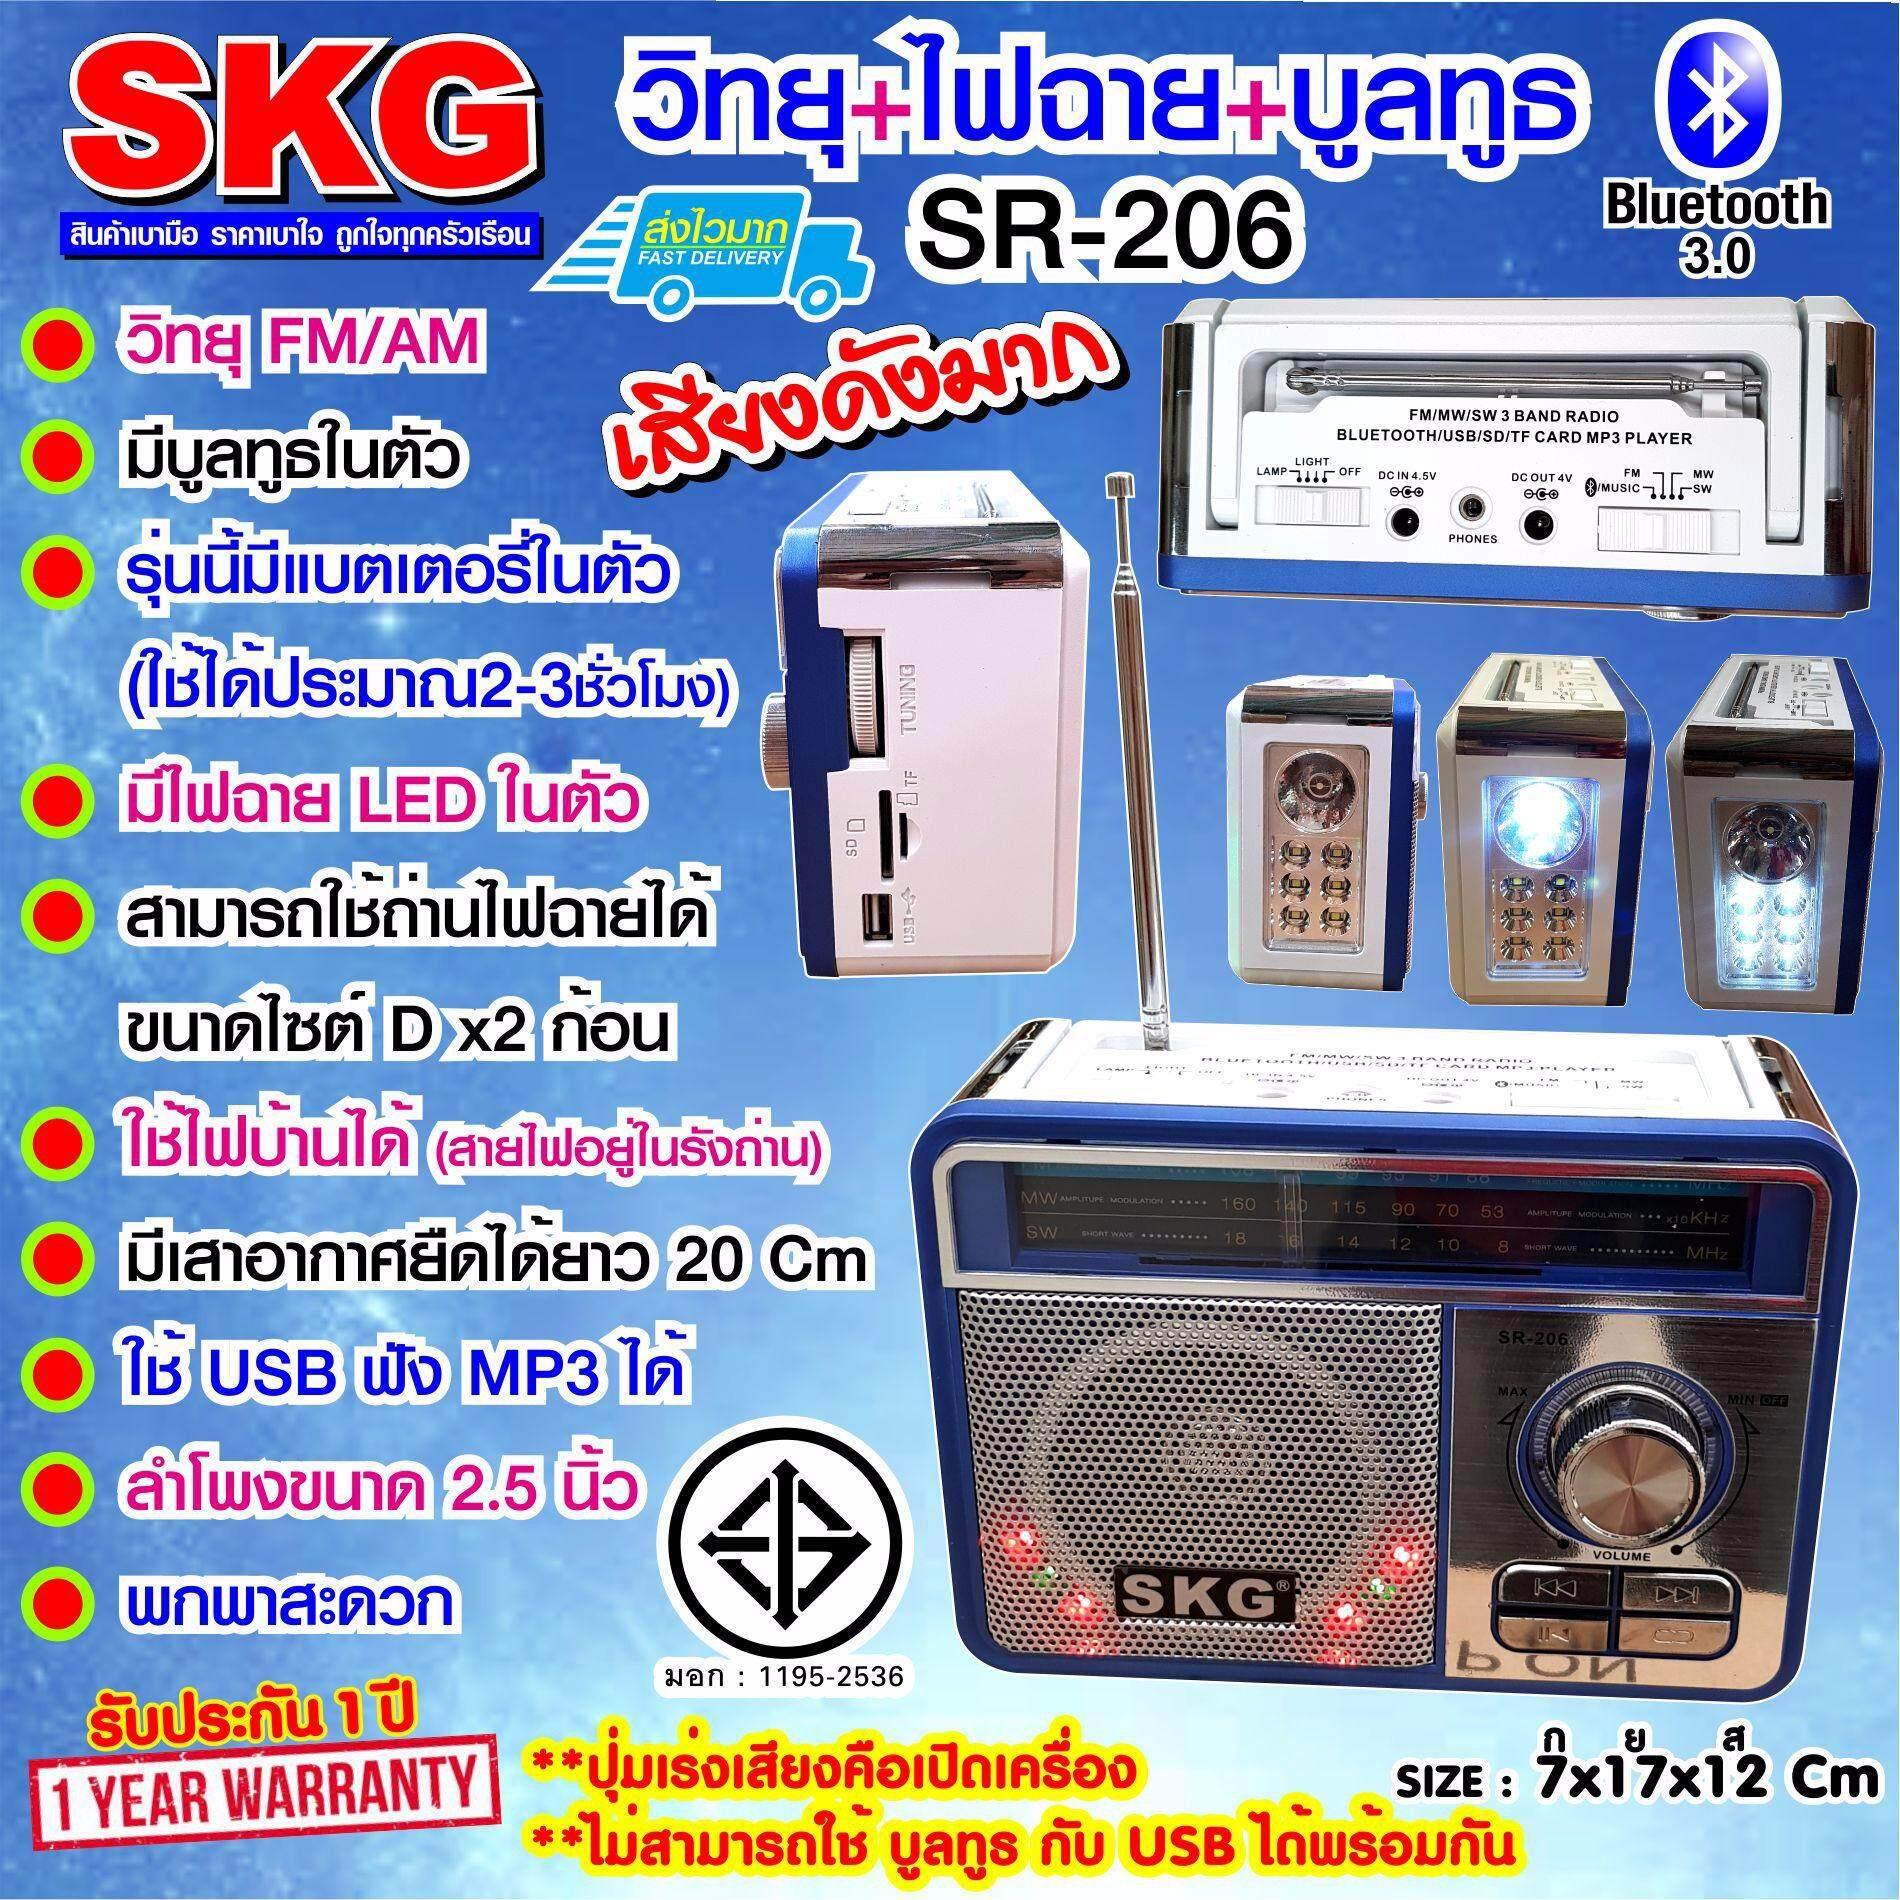 ขาย Skg วิทยุ ไฟฉาย บูลทูธ รุ่น Sr 206 เป็นต้นฉบับ